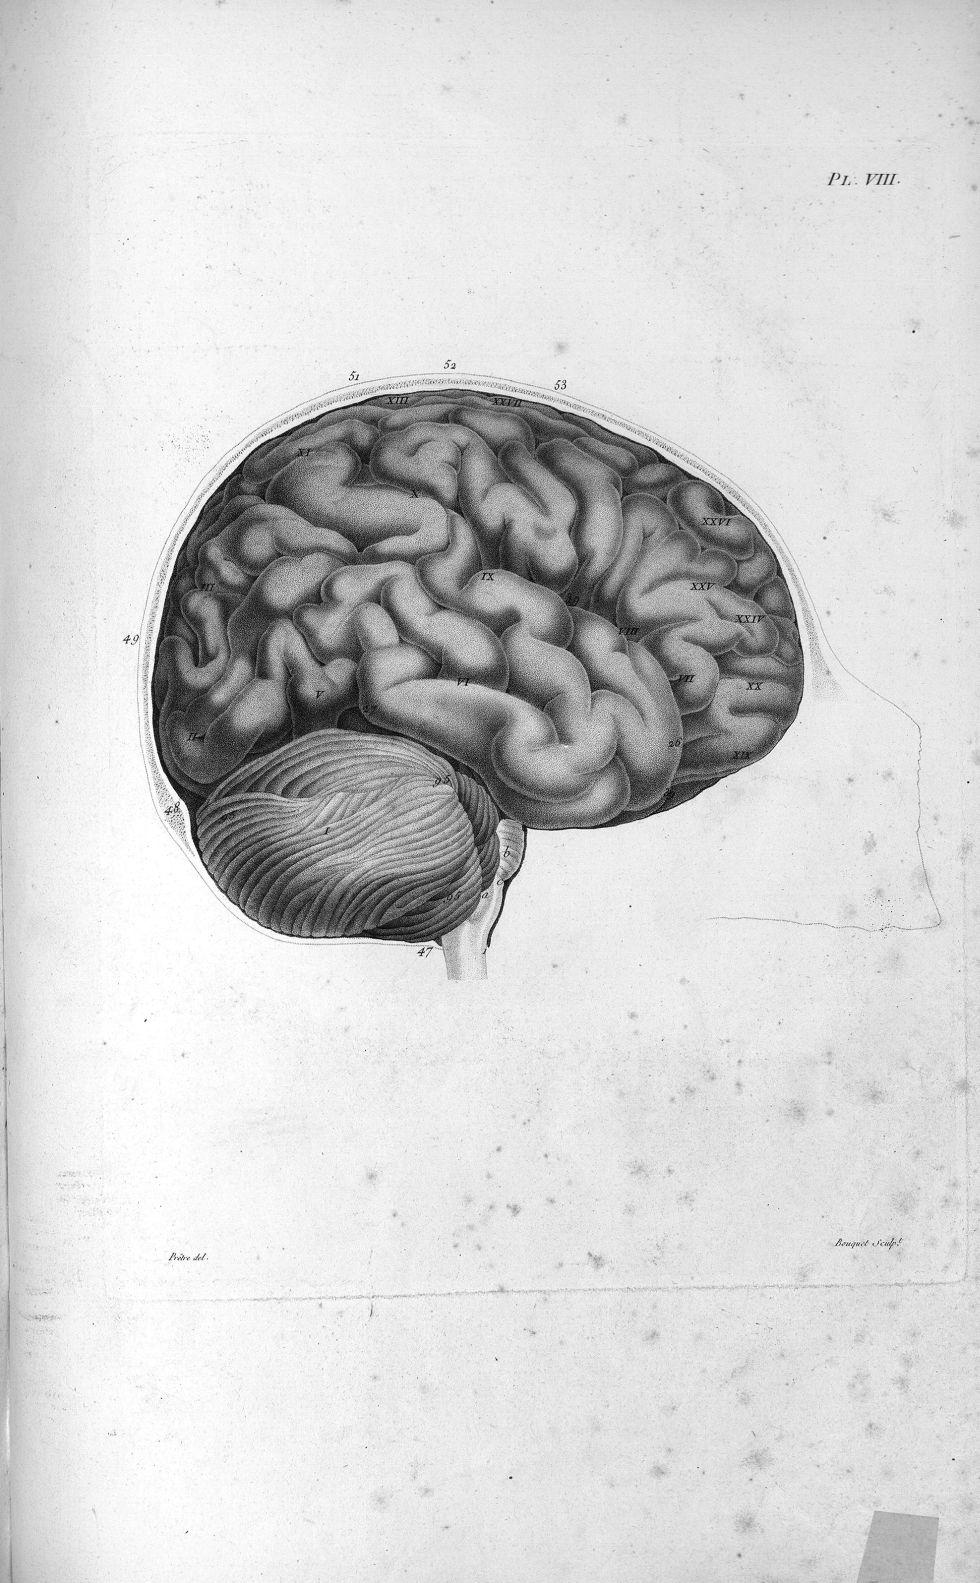 Pl. VIII. Crâne scié verticalement par le milieu du front (cerveau de femme) - Anatomie et physiolog [...] - Anatomie. Neurologie. Cerveaux, crânes (têtes). 19e siècle (France) - med00575x01x0319